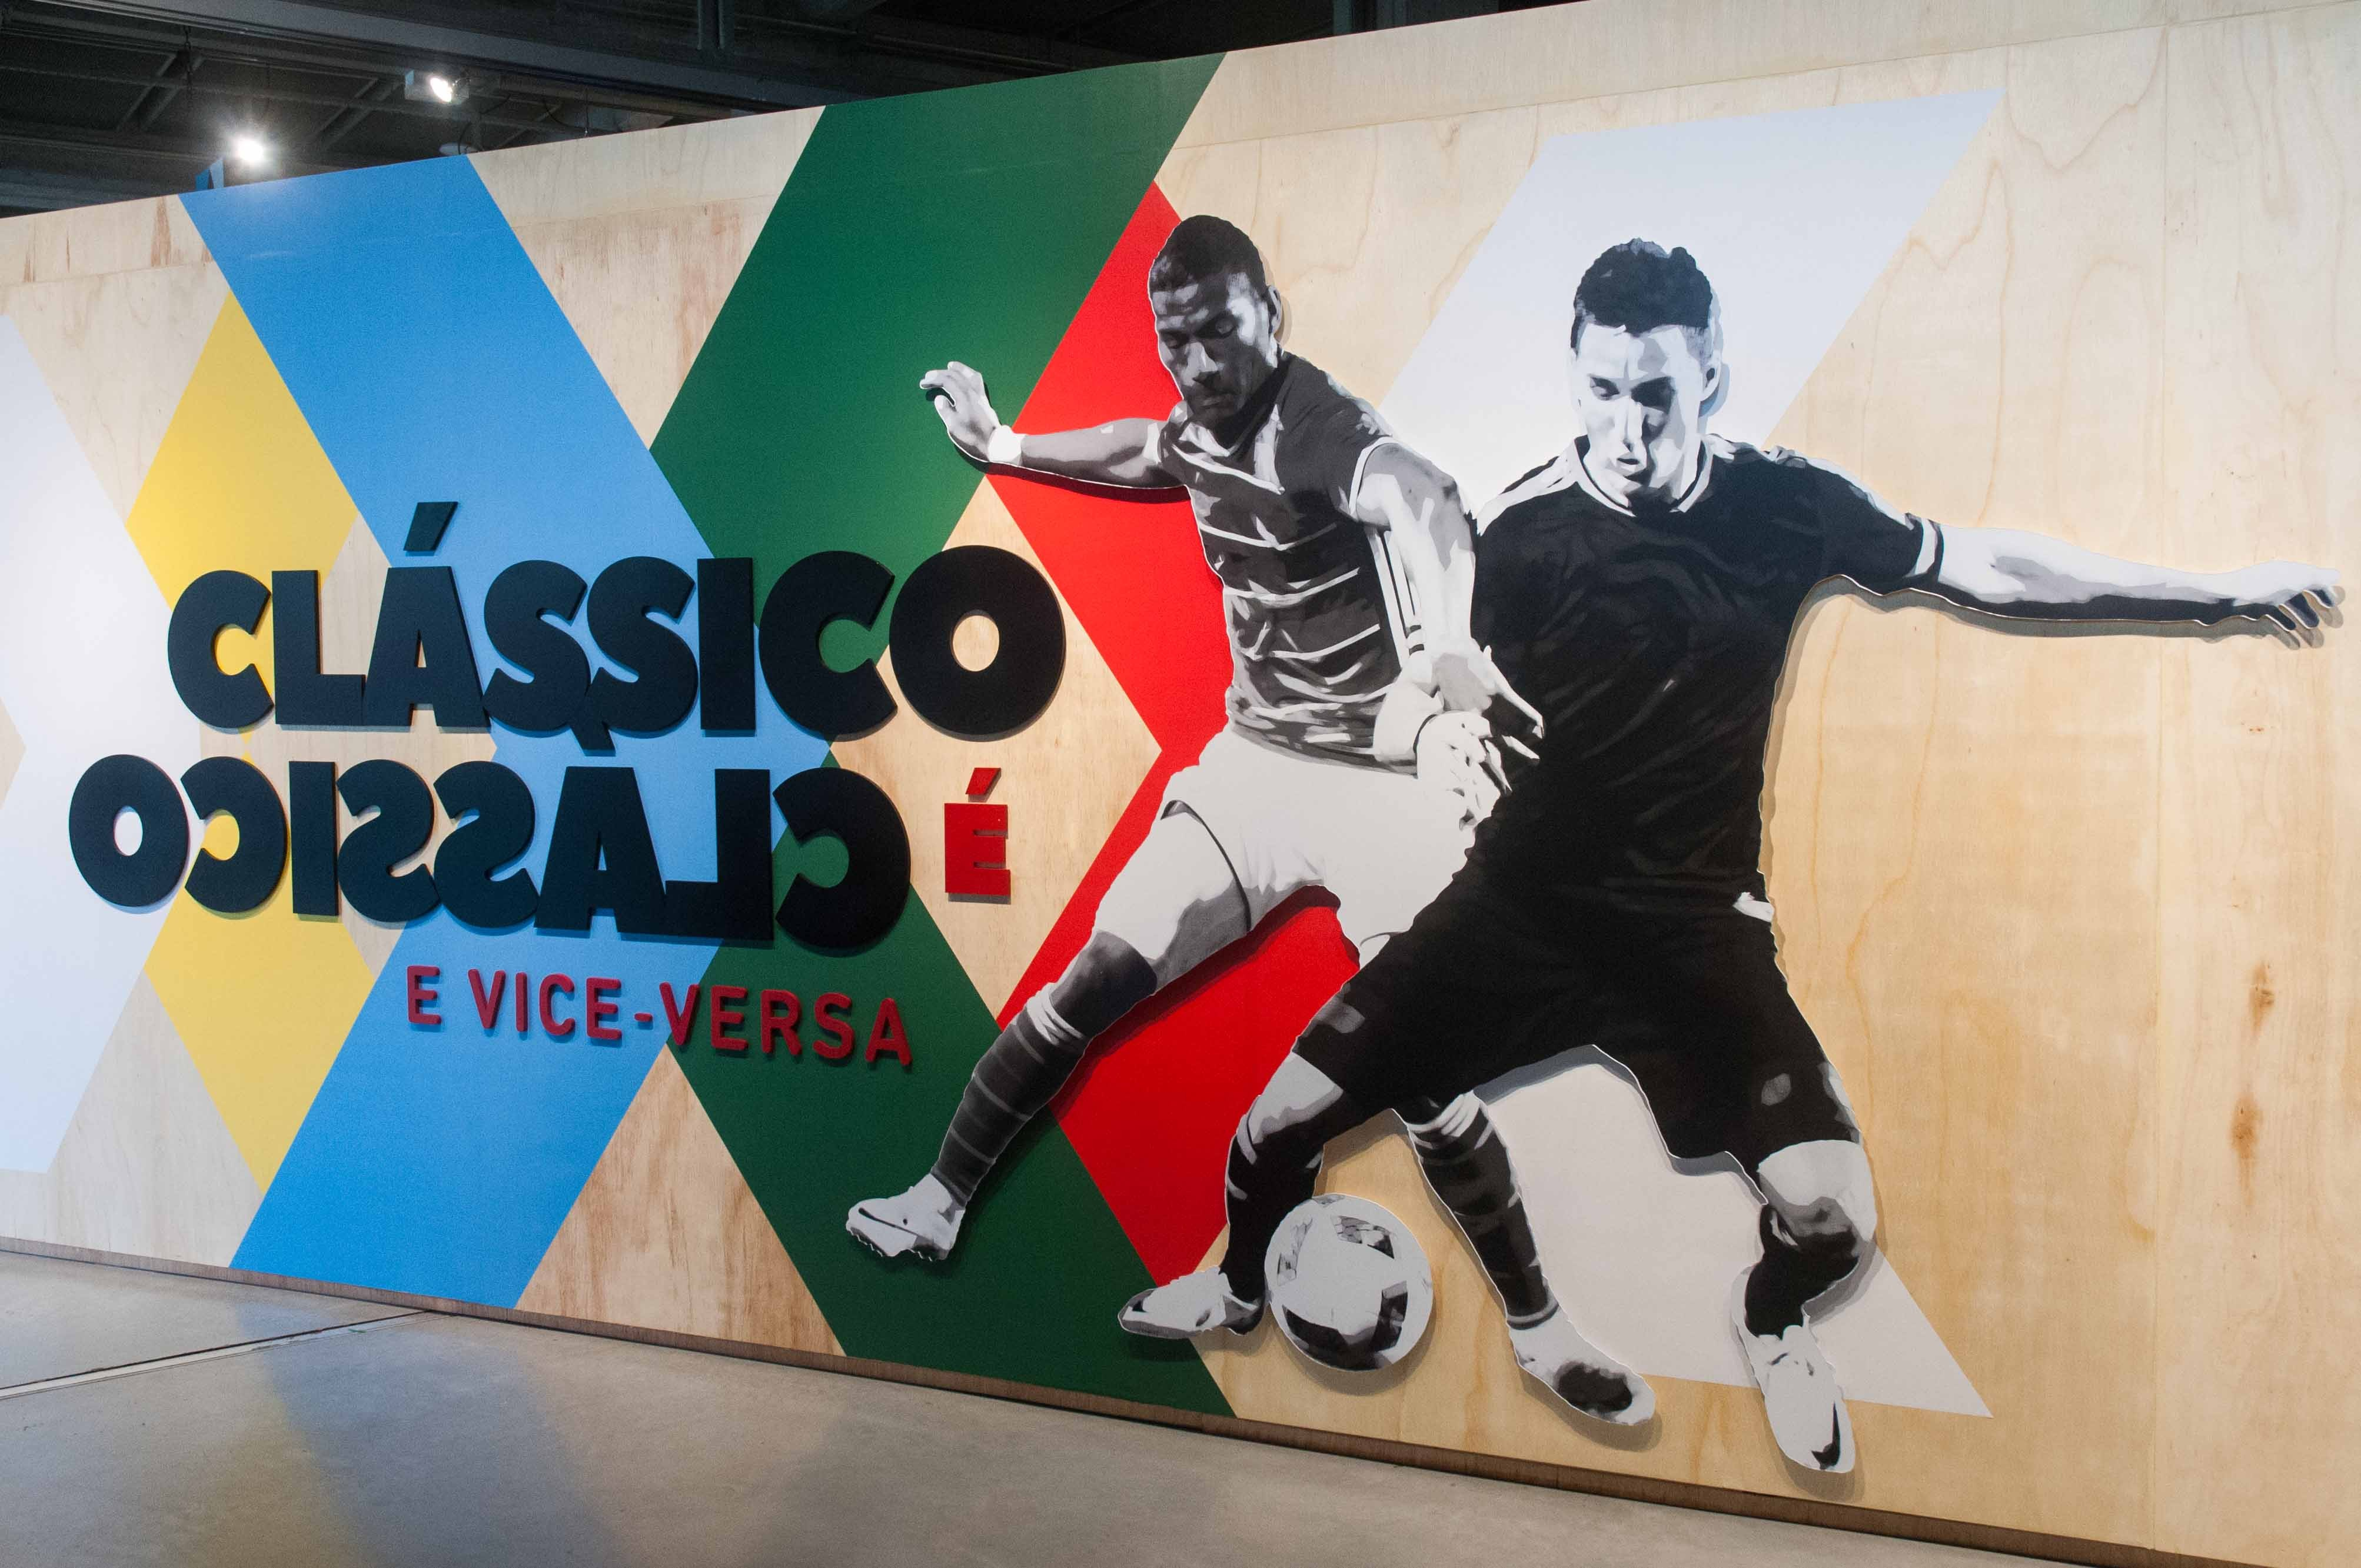 A exposição 'Clássico é clássico e vice-versa', no Museu do Futebol (Foto: Divulgação)